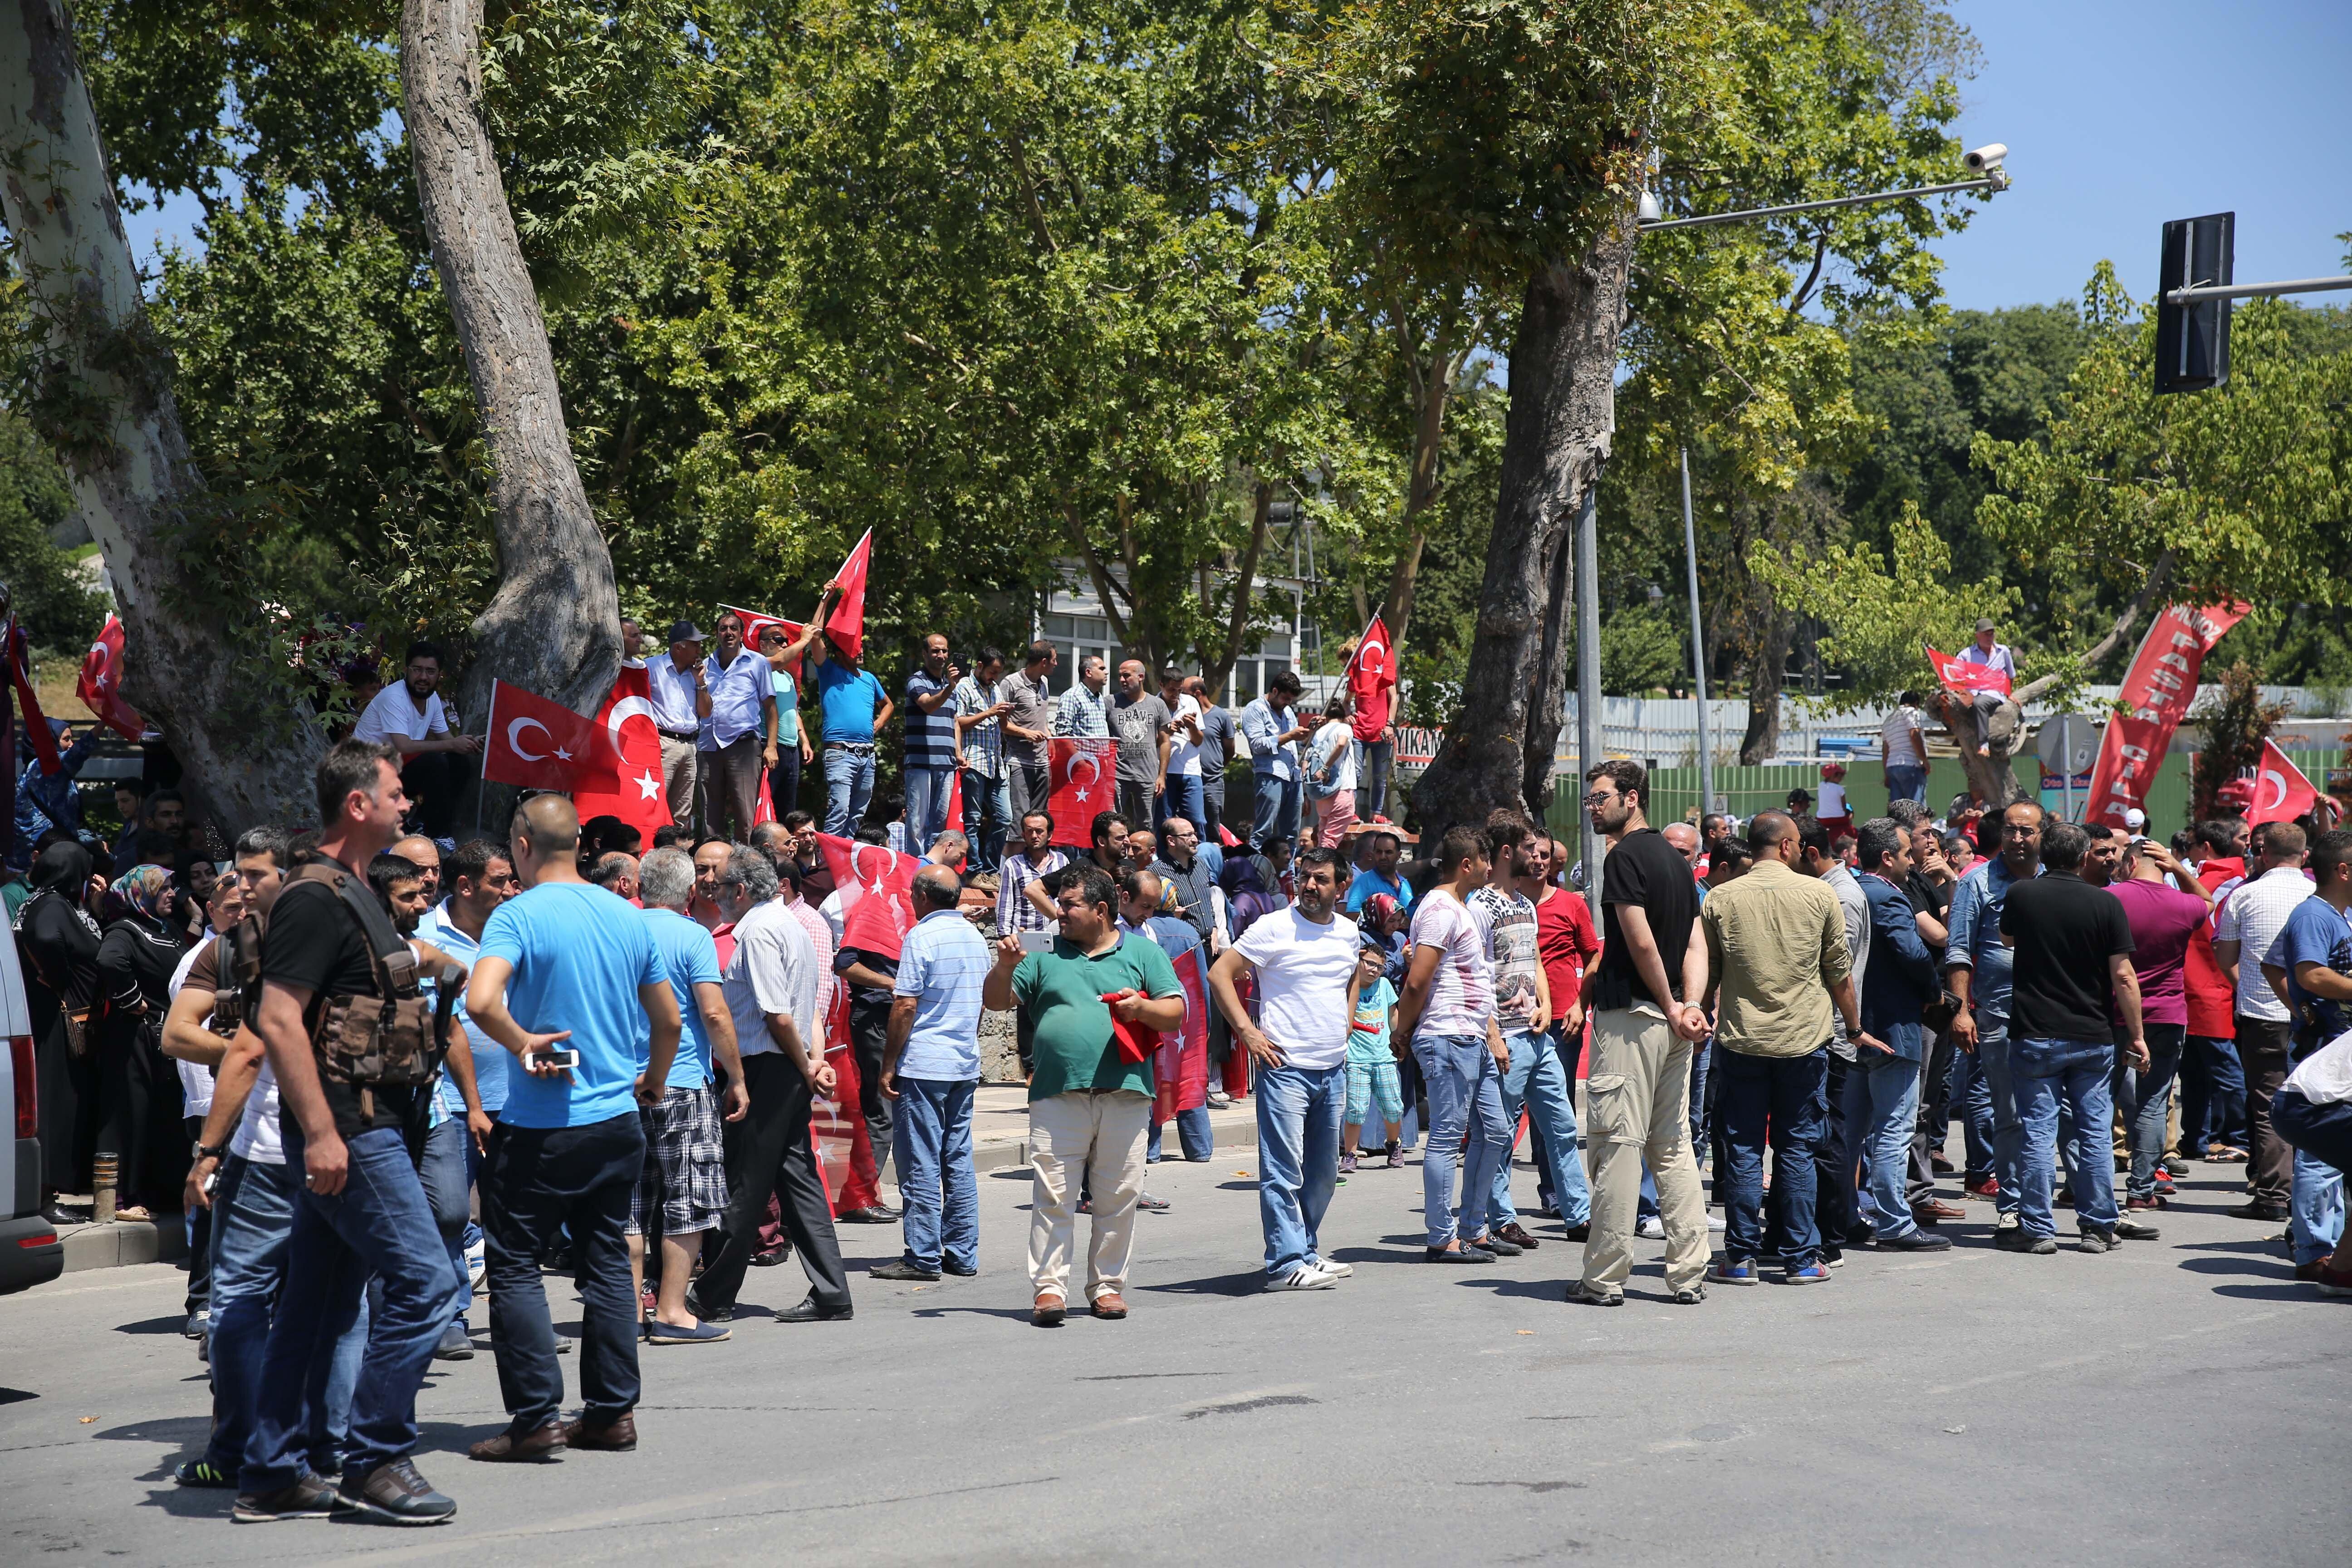 Cumhurbaşkanlığı konutu önünde toplanan vatandaşlar.